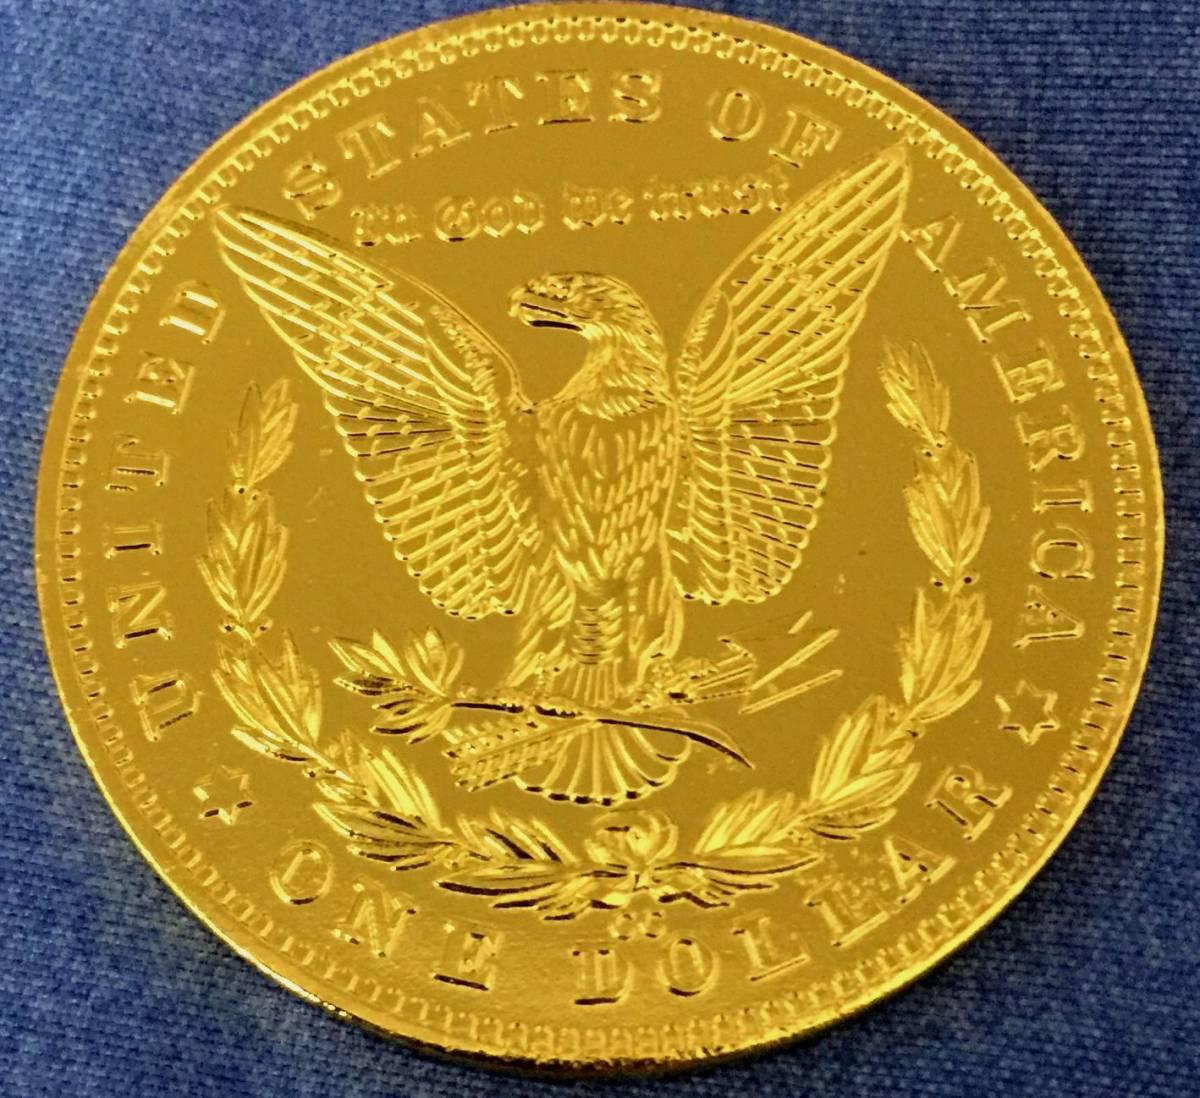 古銭貨幣 極上品 アメリカ ハワイ金貨 稀少 1881年銘 38mm 20.8g_画像2